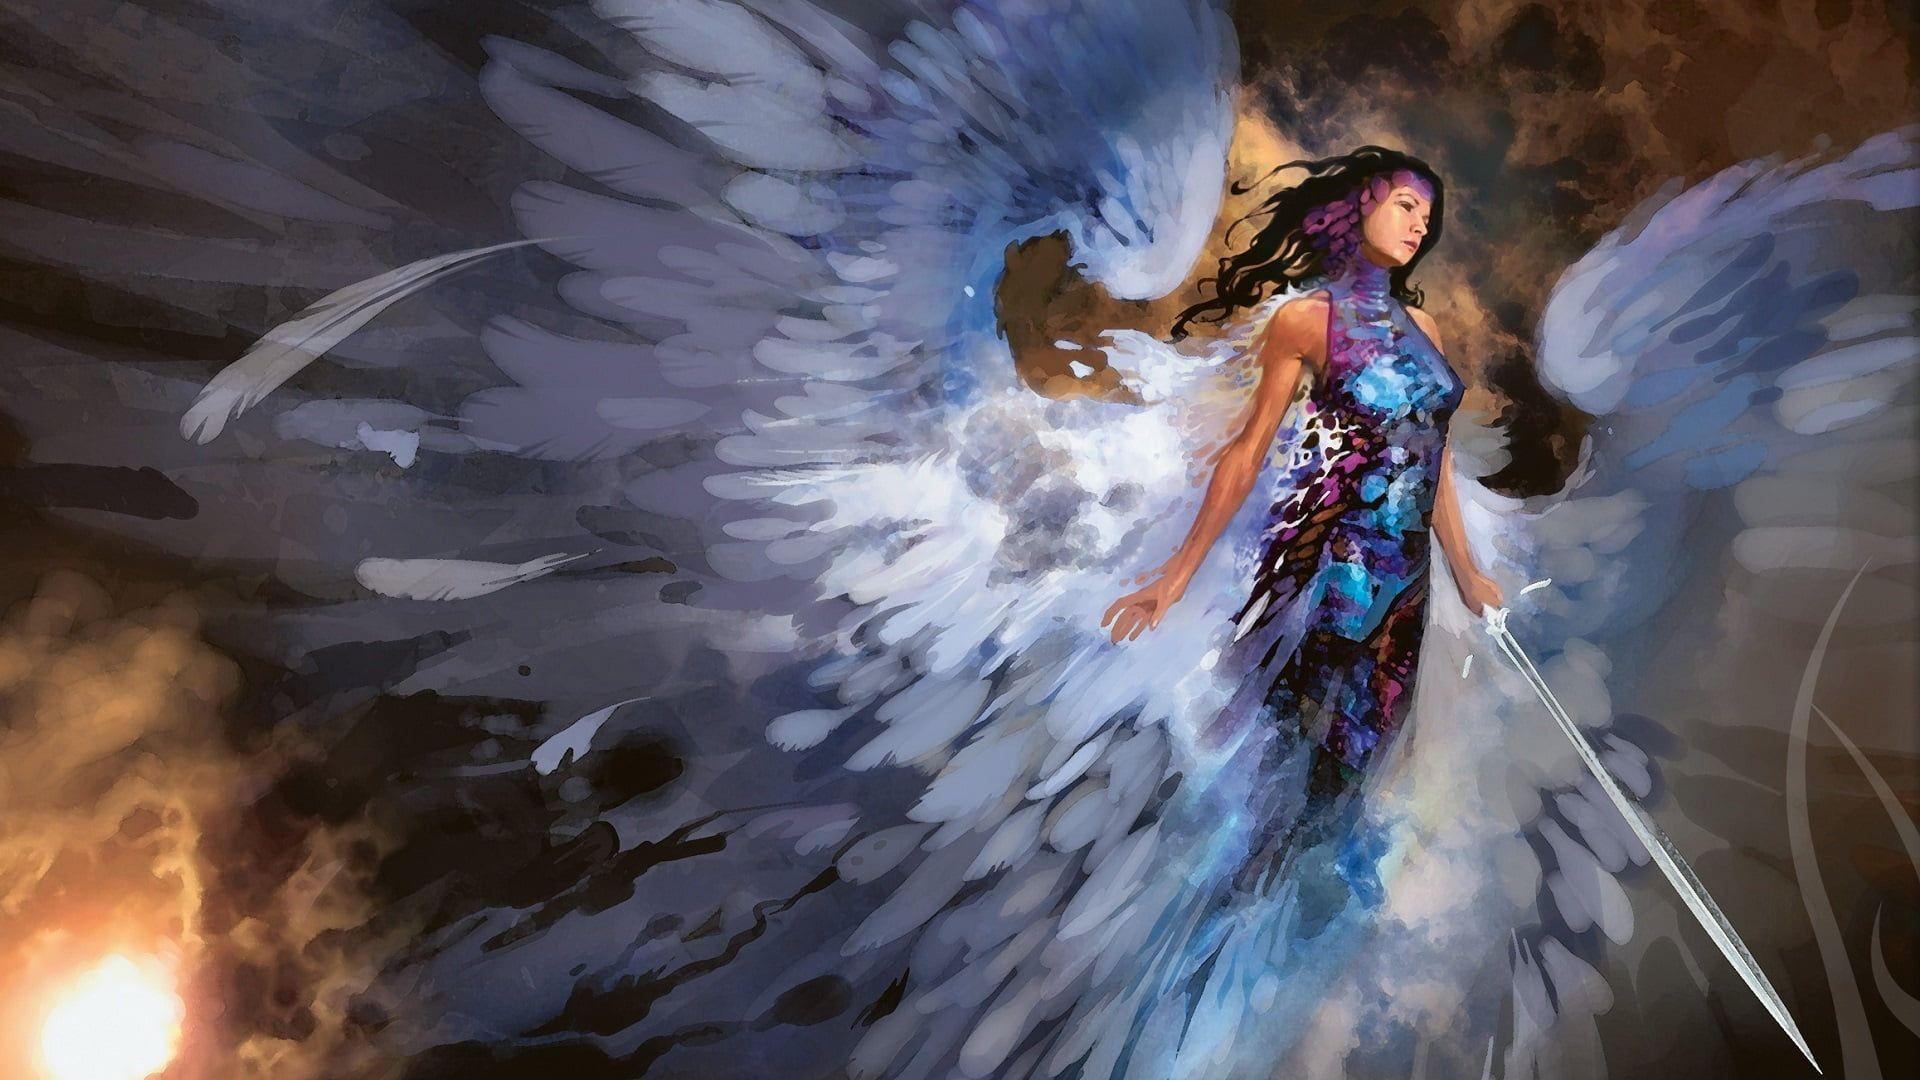 Female Angel Holding Sword Digital Wallpaper Artwork Fantasy Art Digital Artwork Fantasy Fantasy Art Artwork